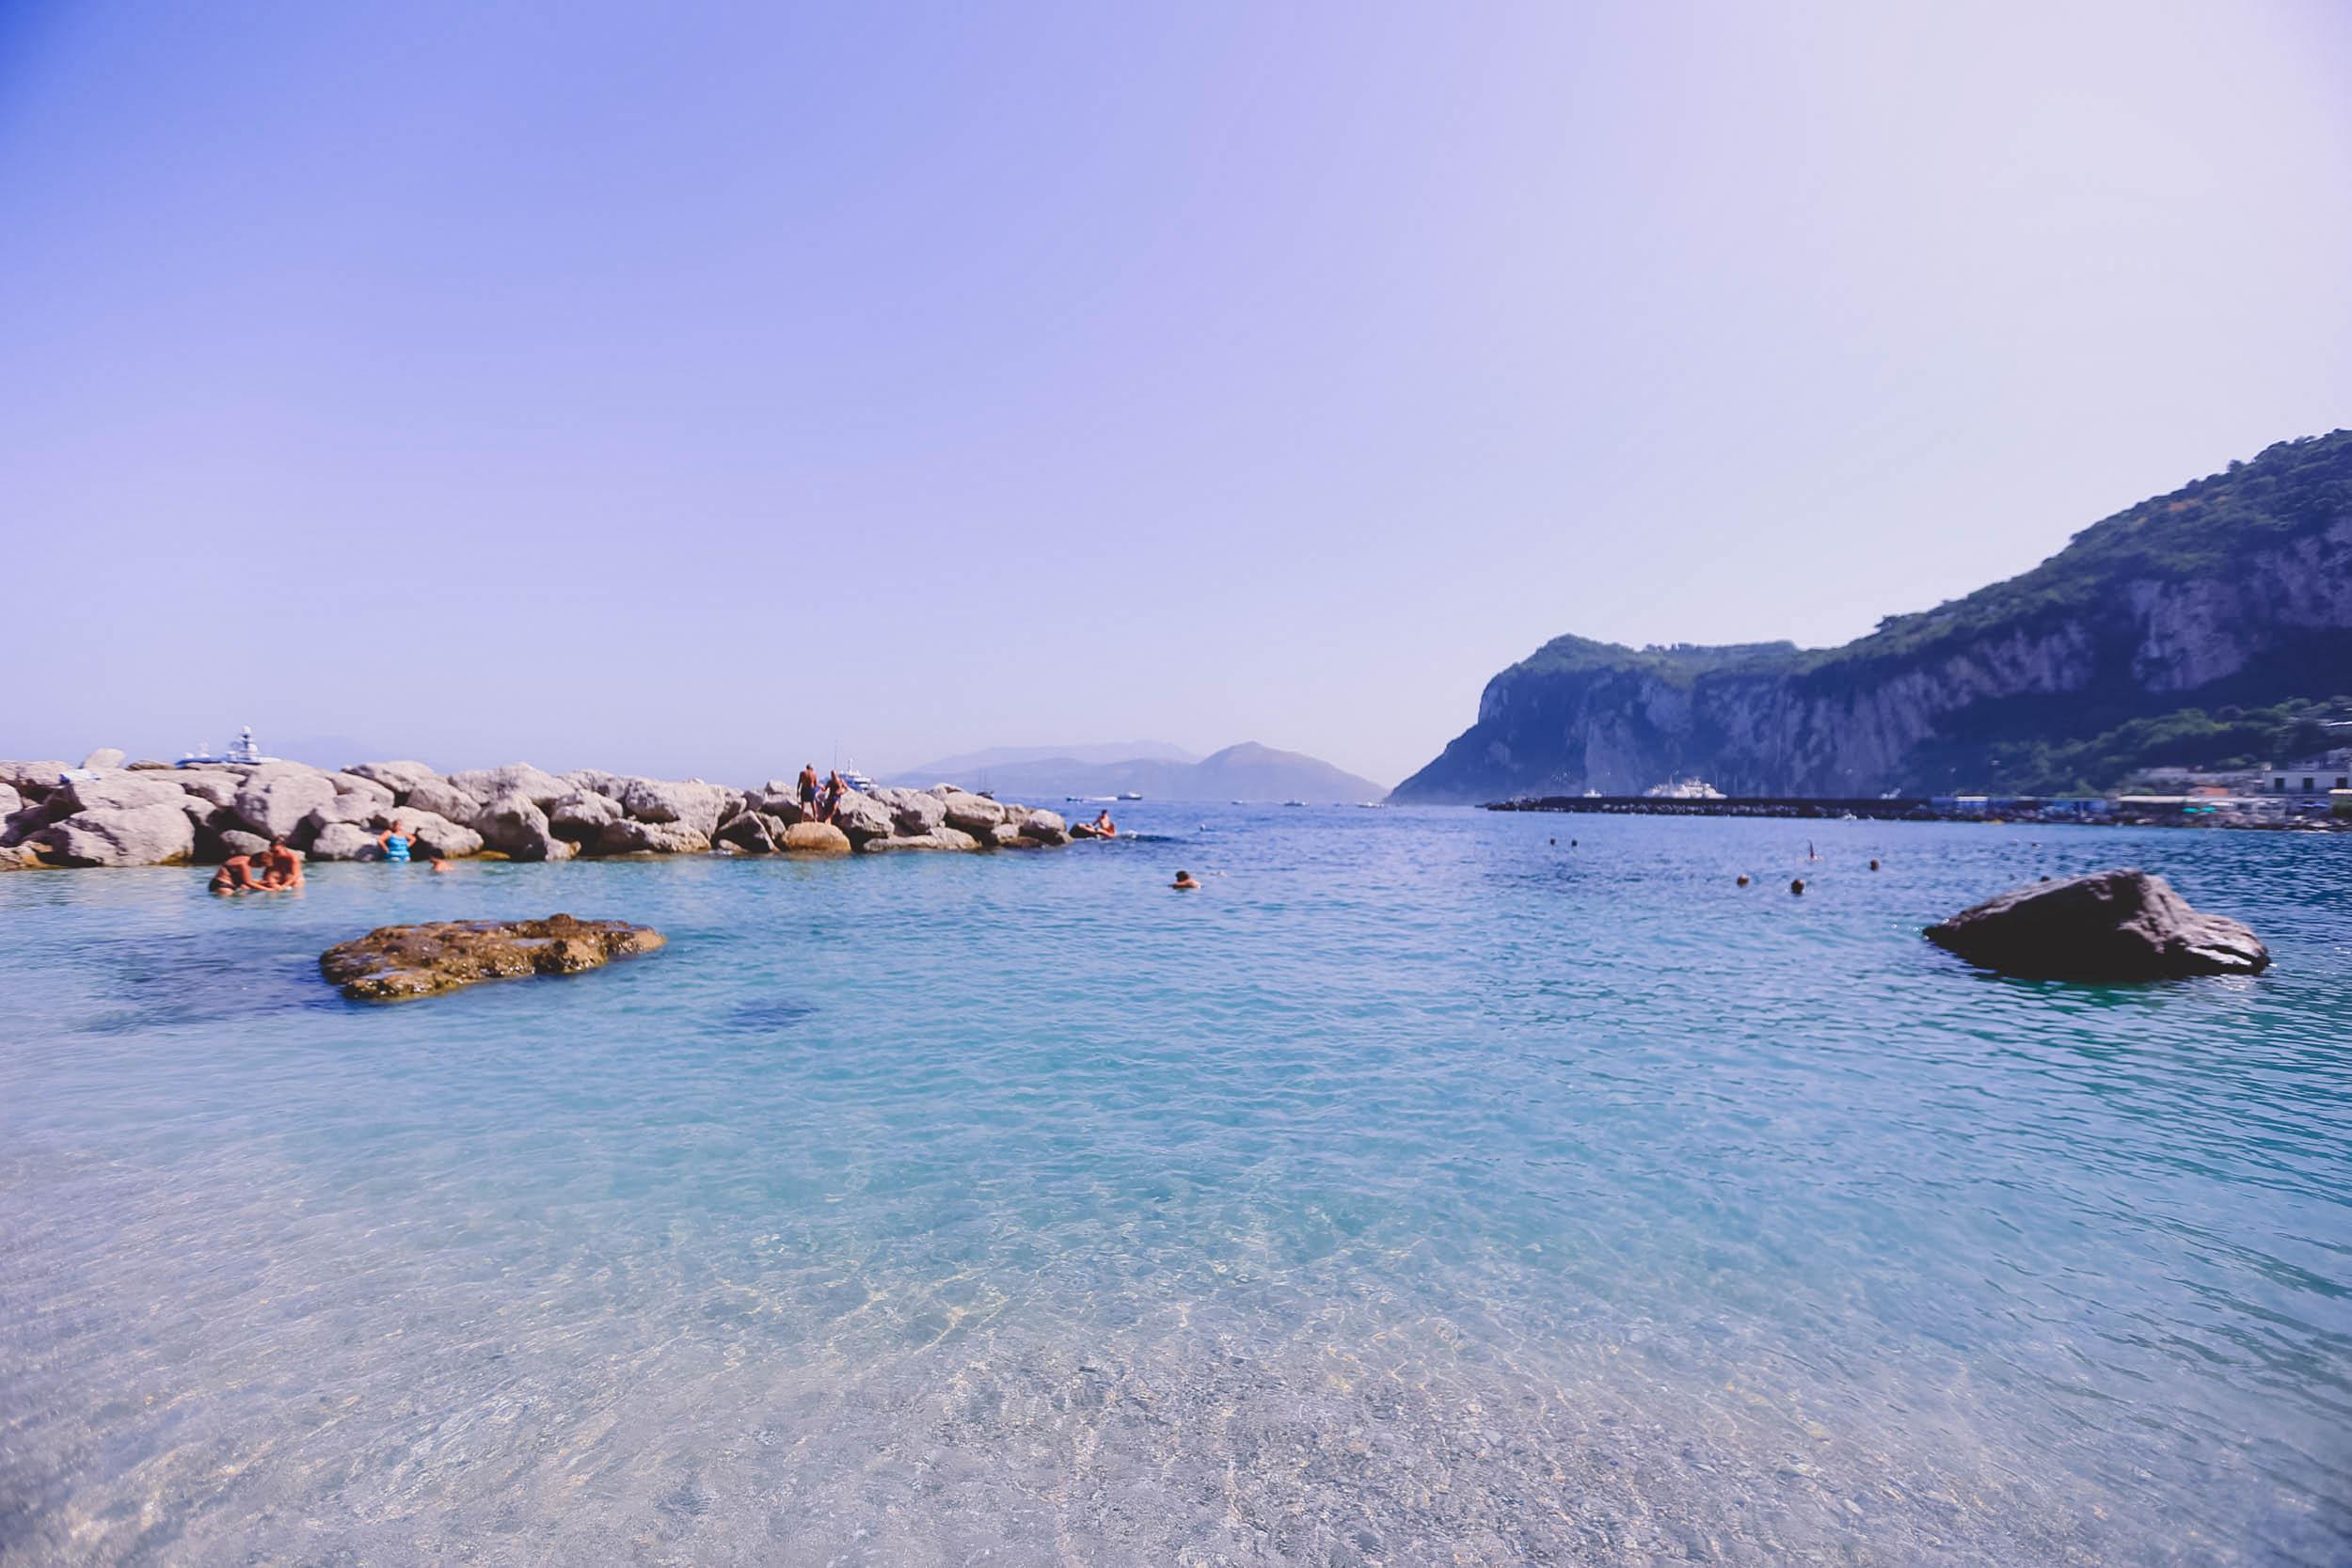 Marina Grande beach - the biggest beach in Capri